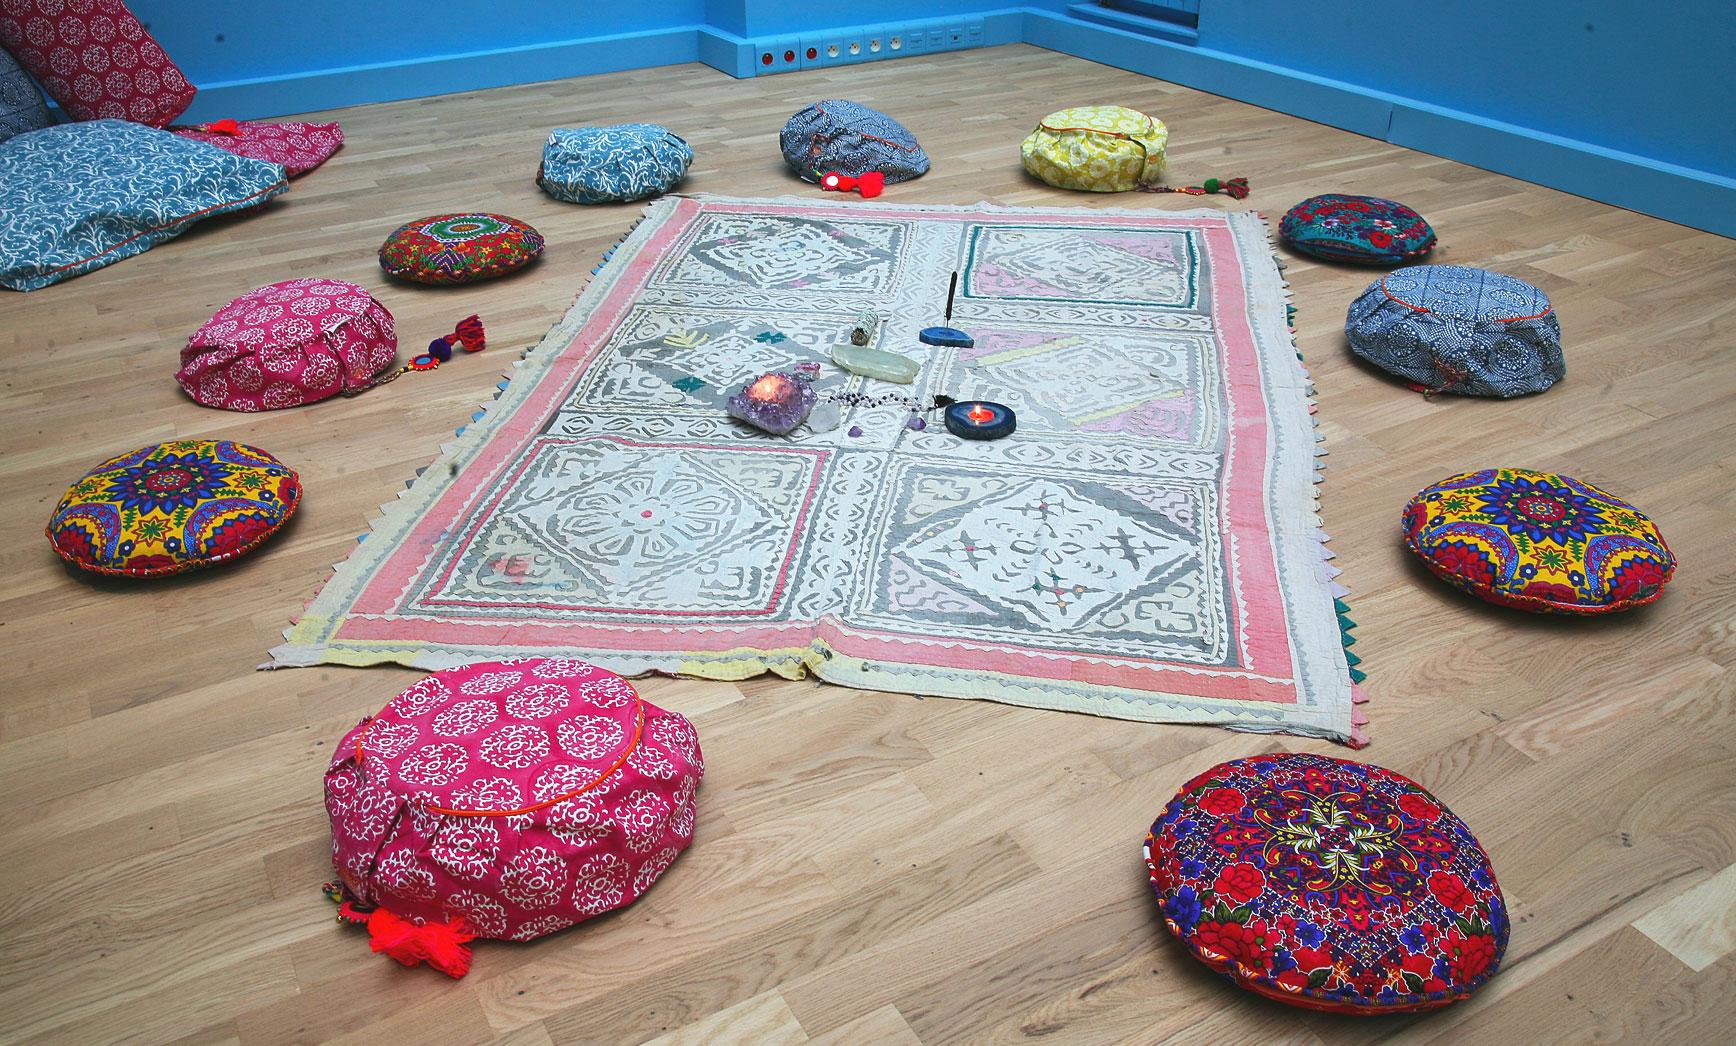 Ici Selfcare, Espace de méditation et de yoga, lieu dédié aux femmes et à l'harmonie